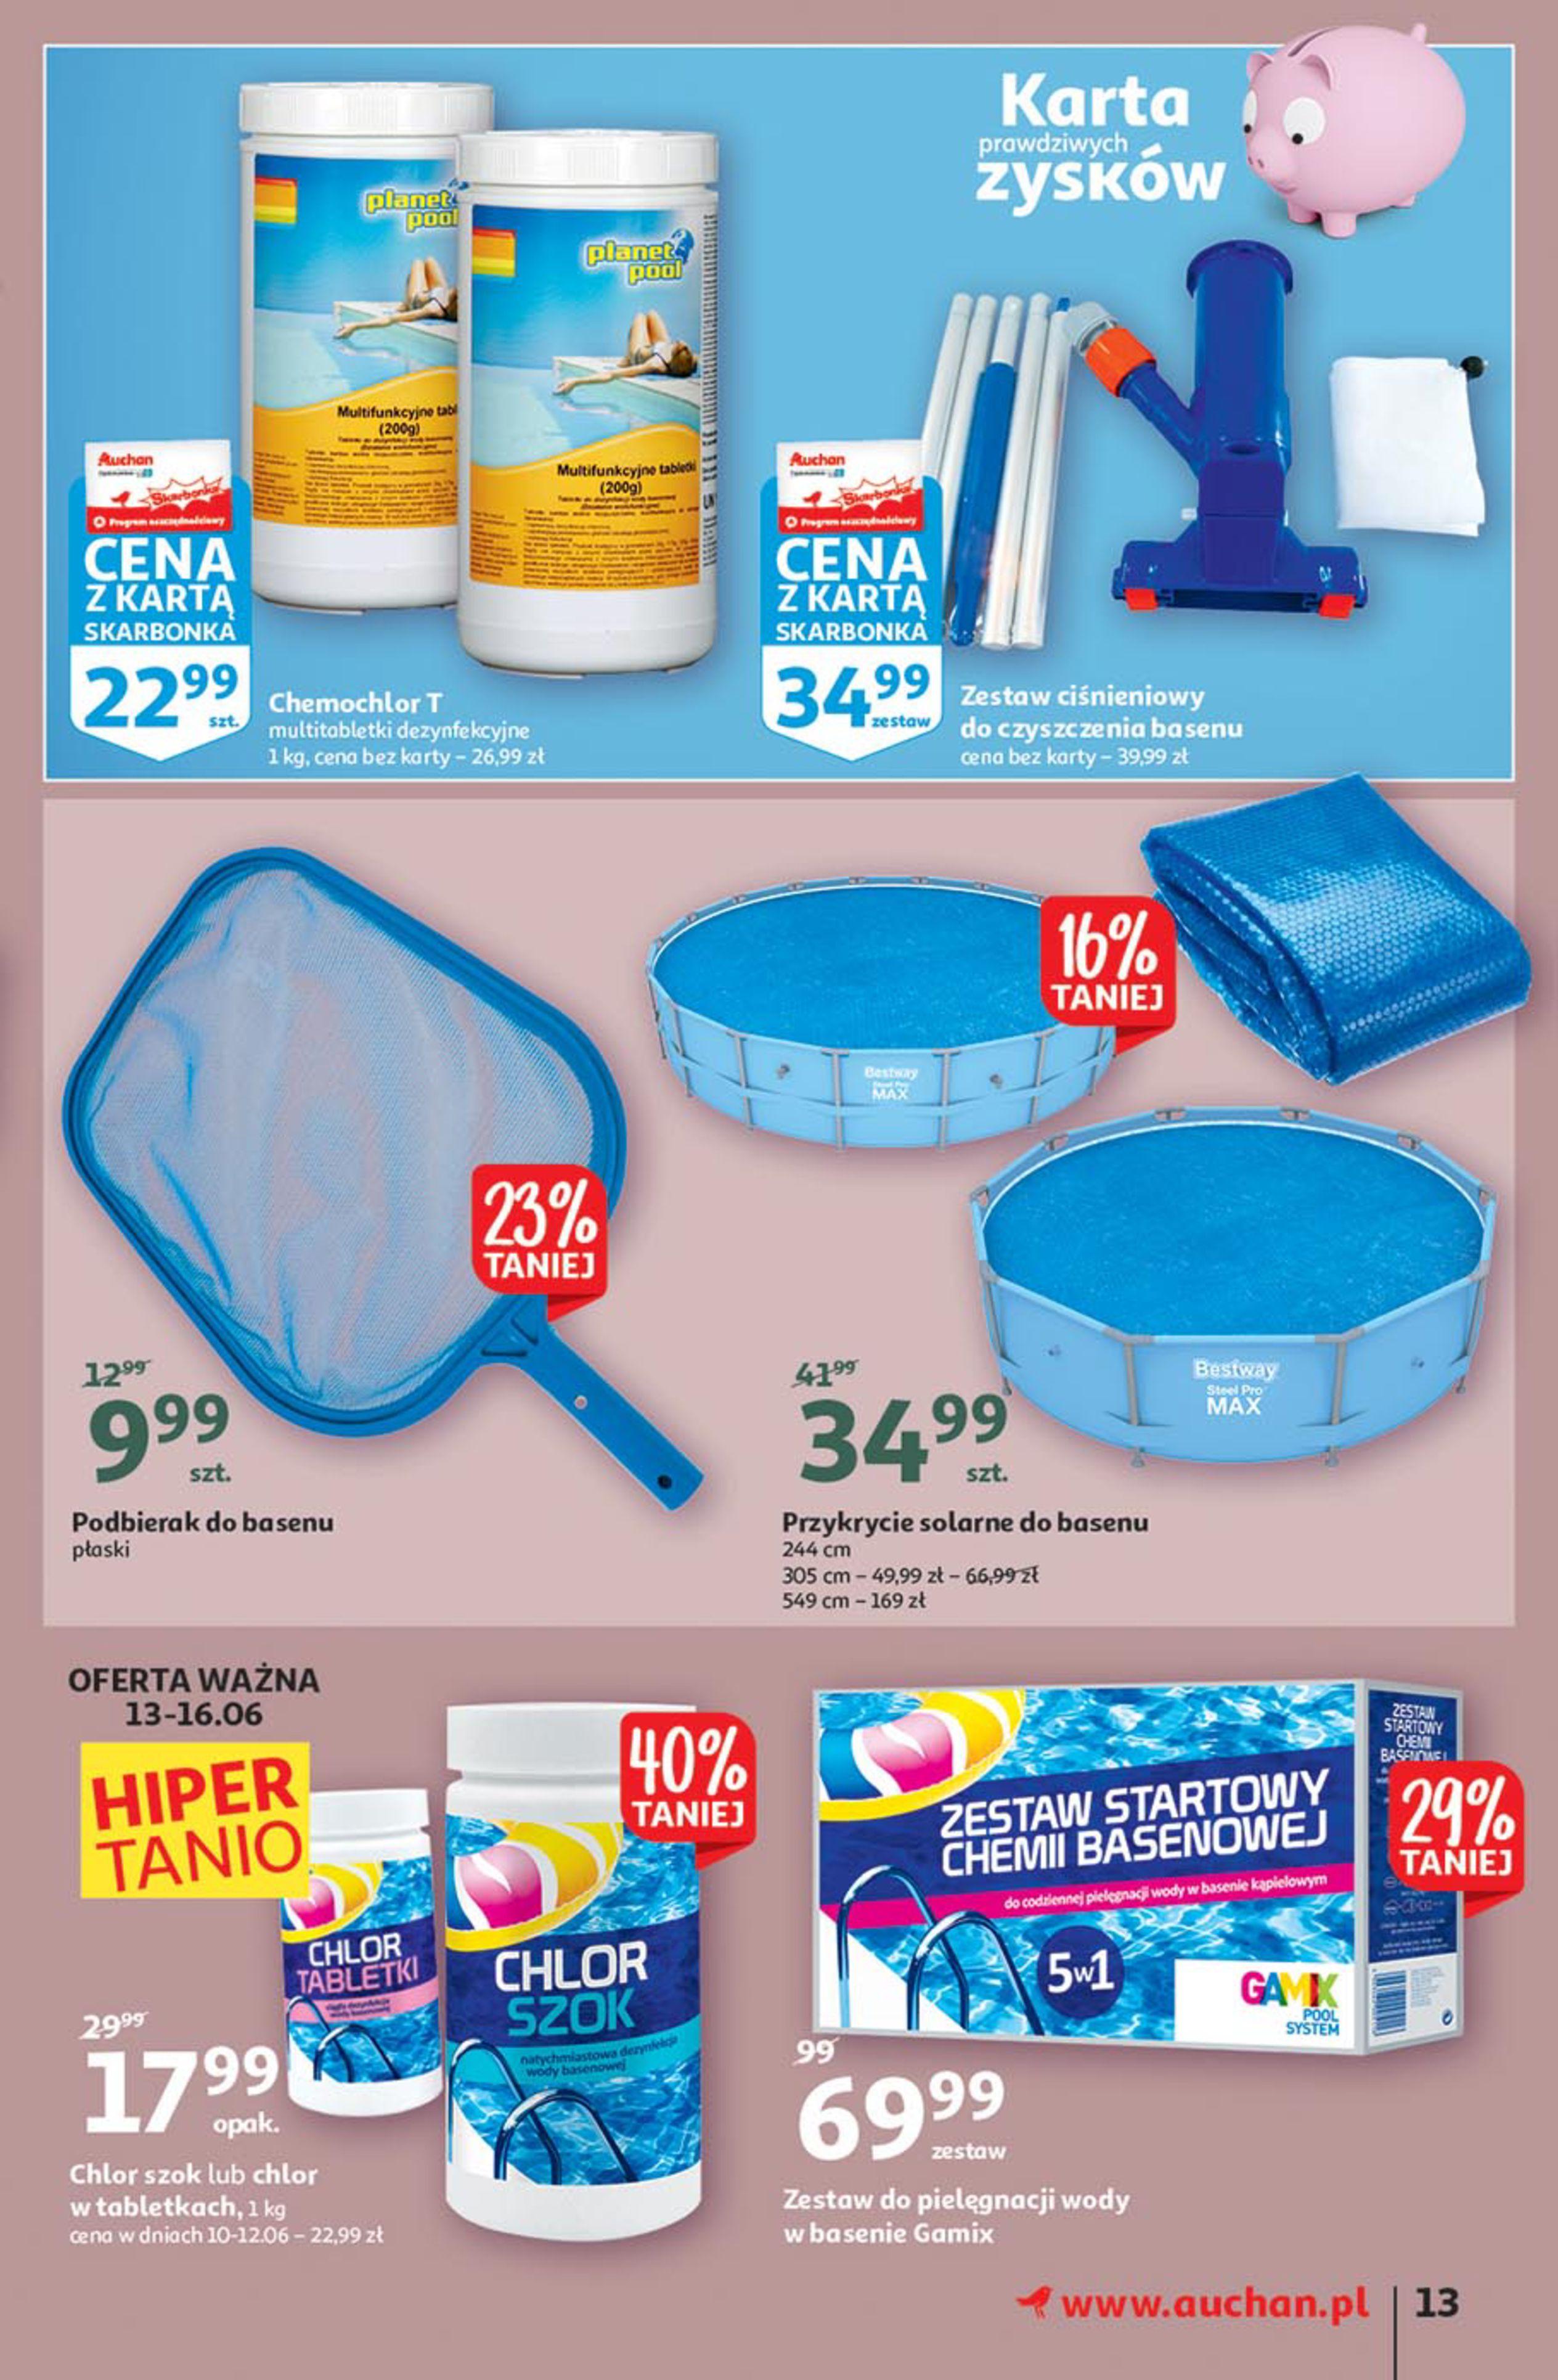 Gazetka Auchan: Gazetka Auchan - Euro 2020 2021-06-10 page-13